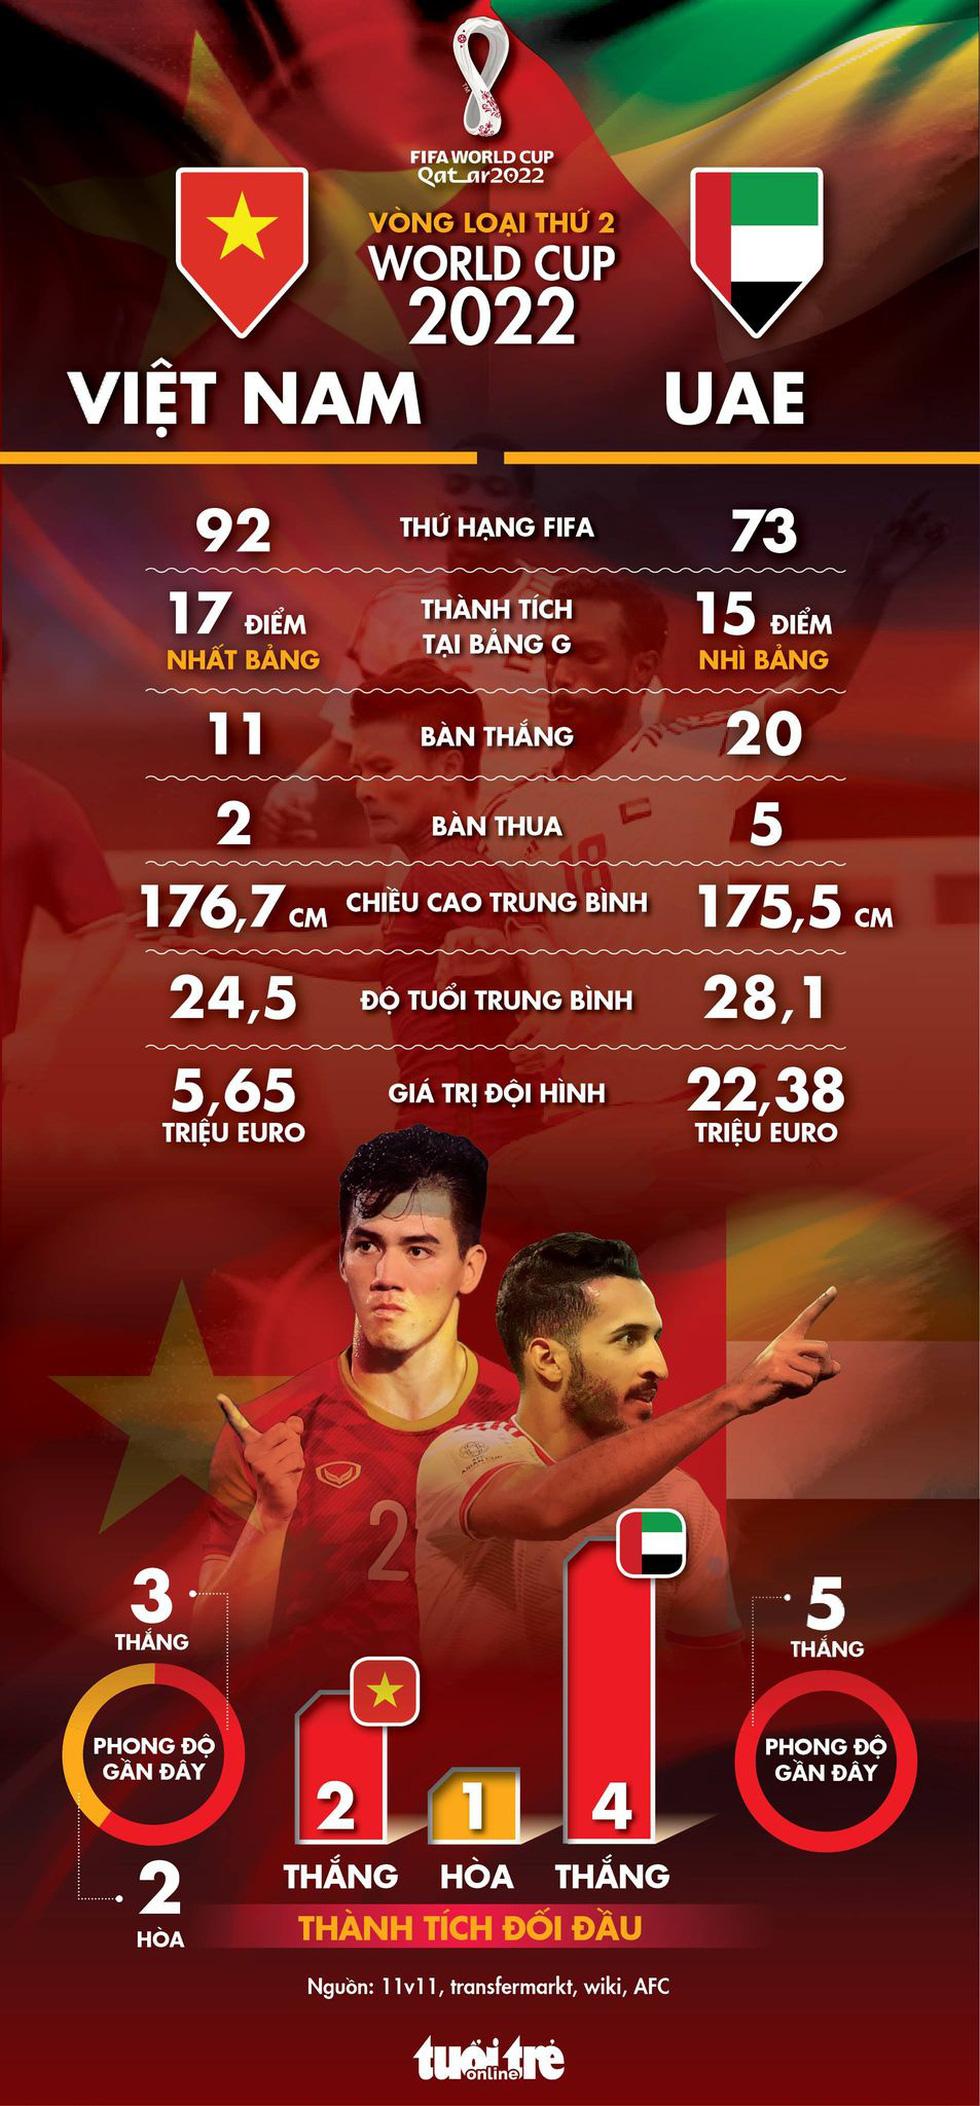 Tương quan sức mạnh giữa Việt Nam và UAE - Ảnh 1.